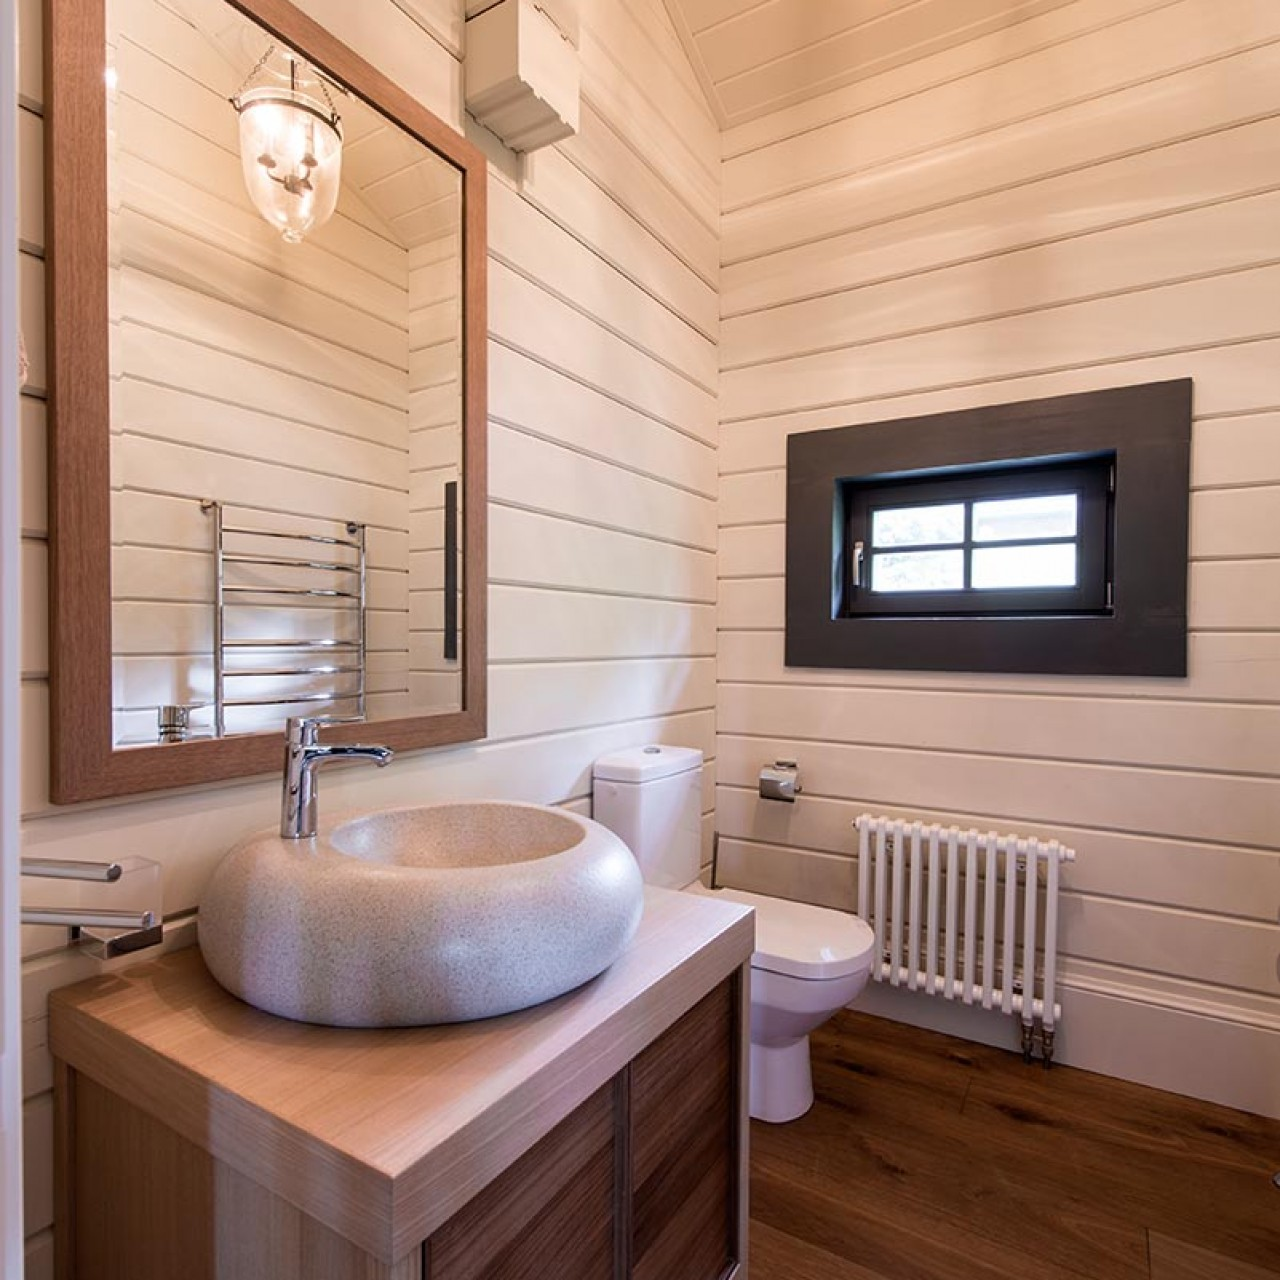 Ванные комнаты в деревянном доме дизайн фото